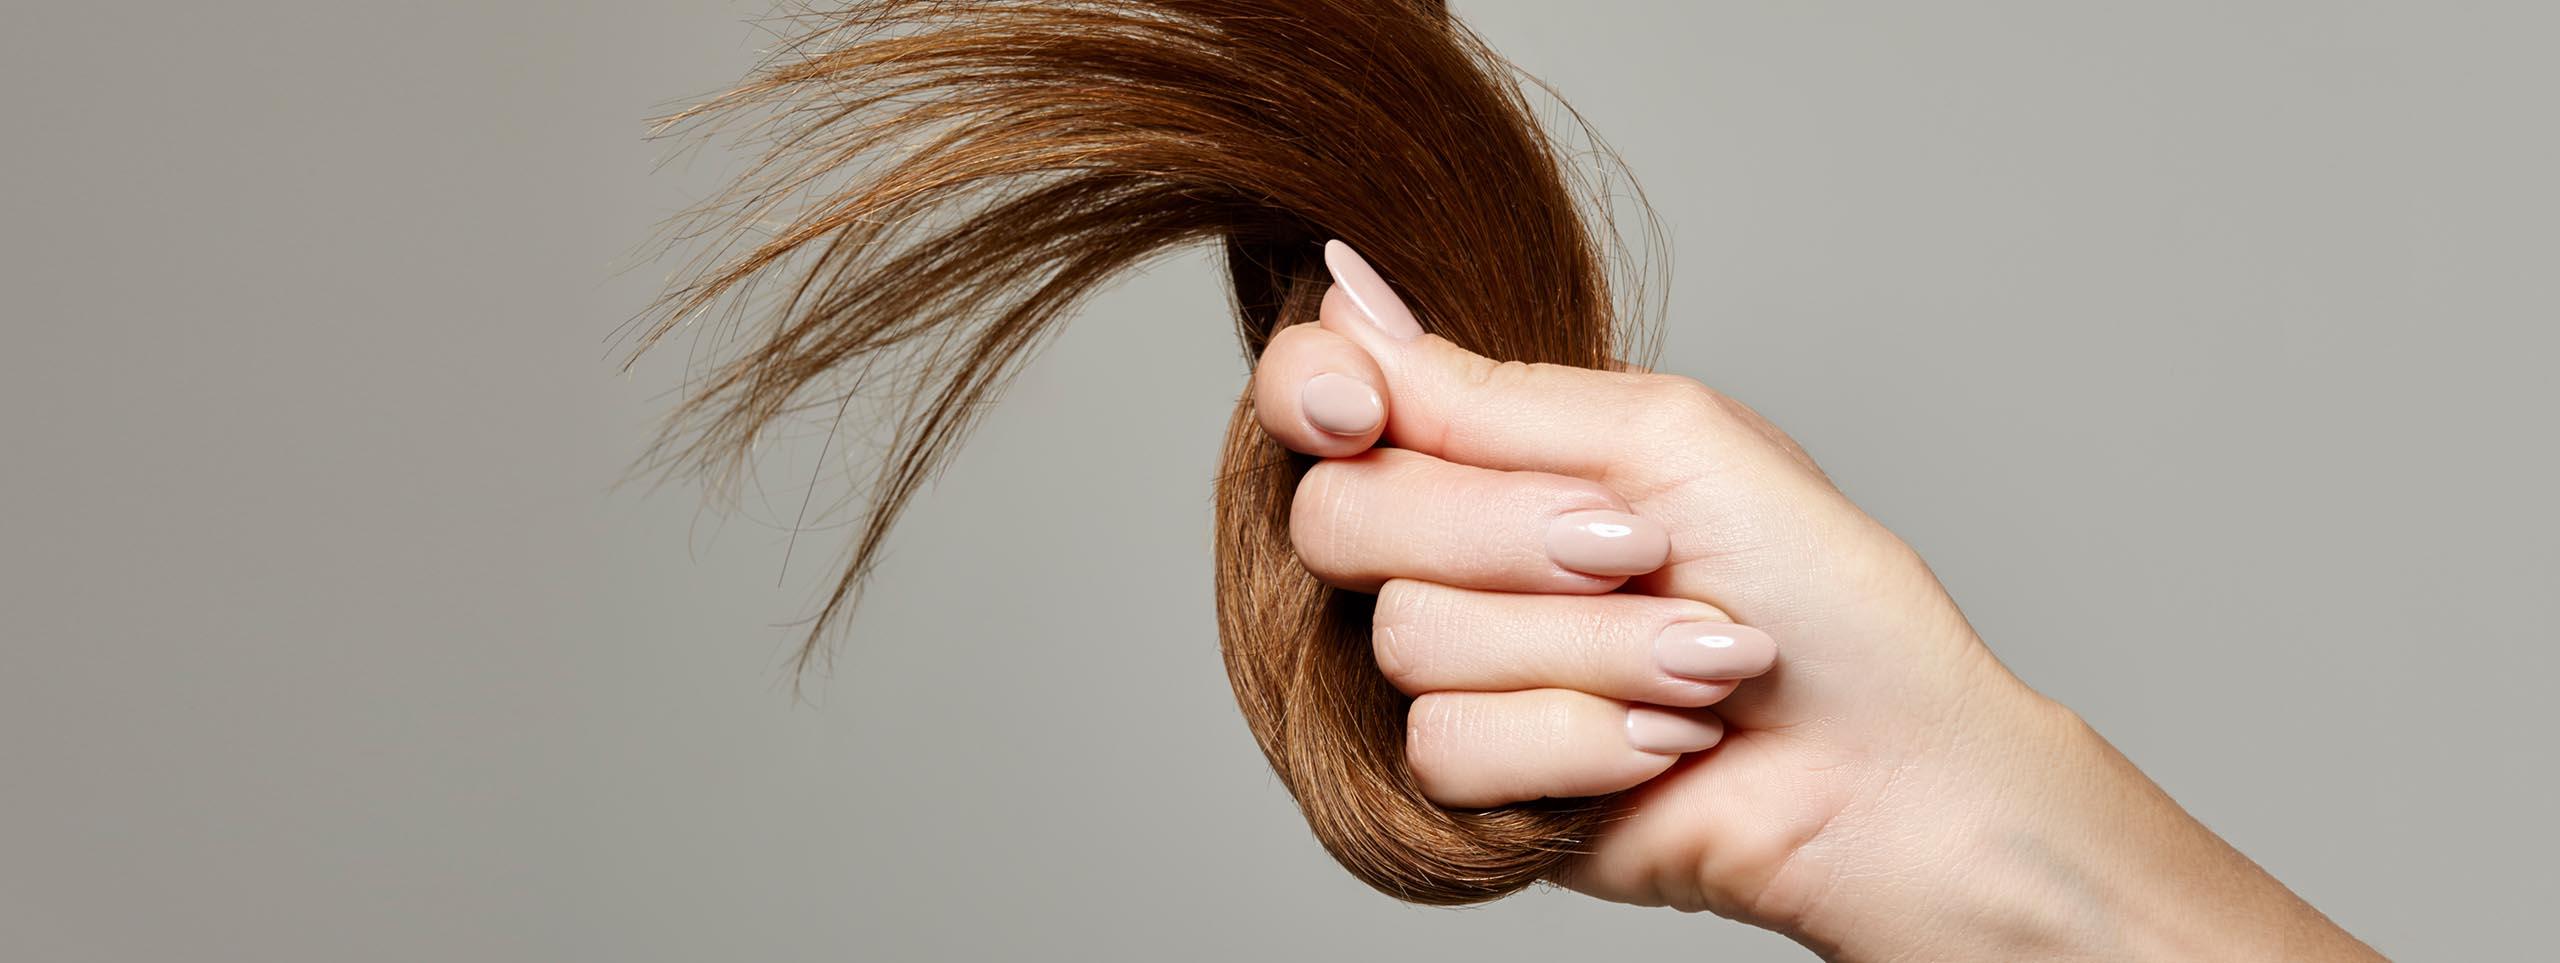 كيفية إيقاف تساقط الشعر